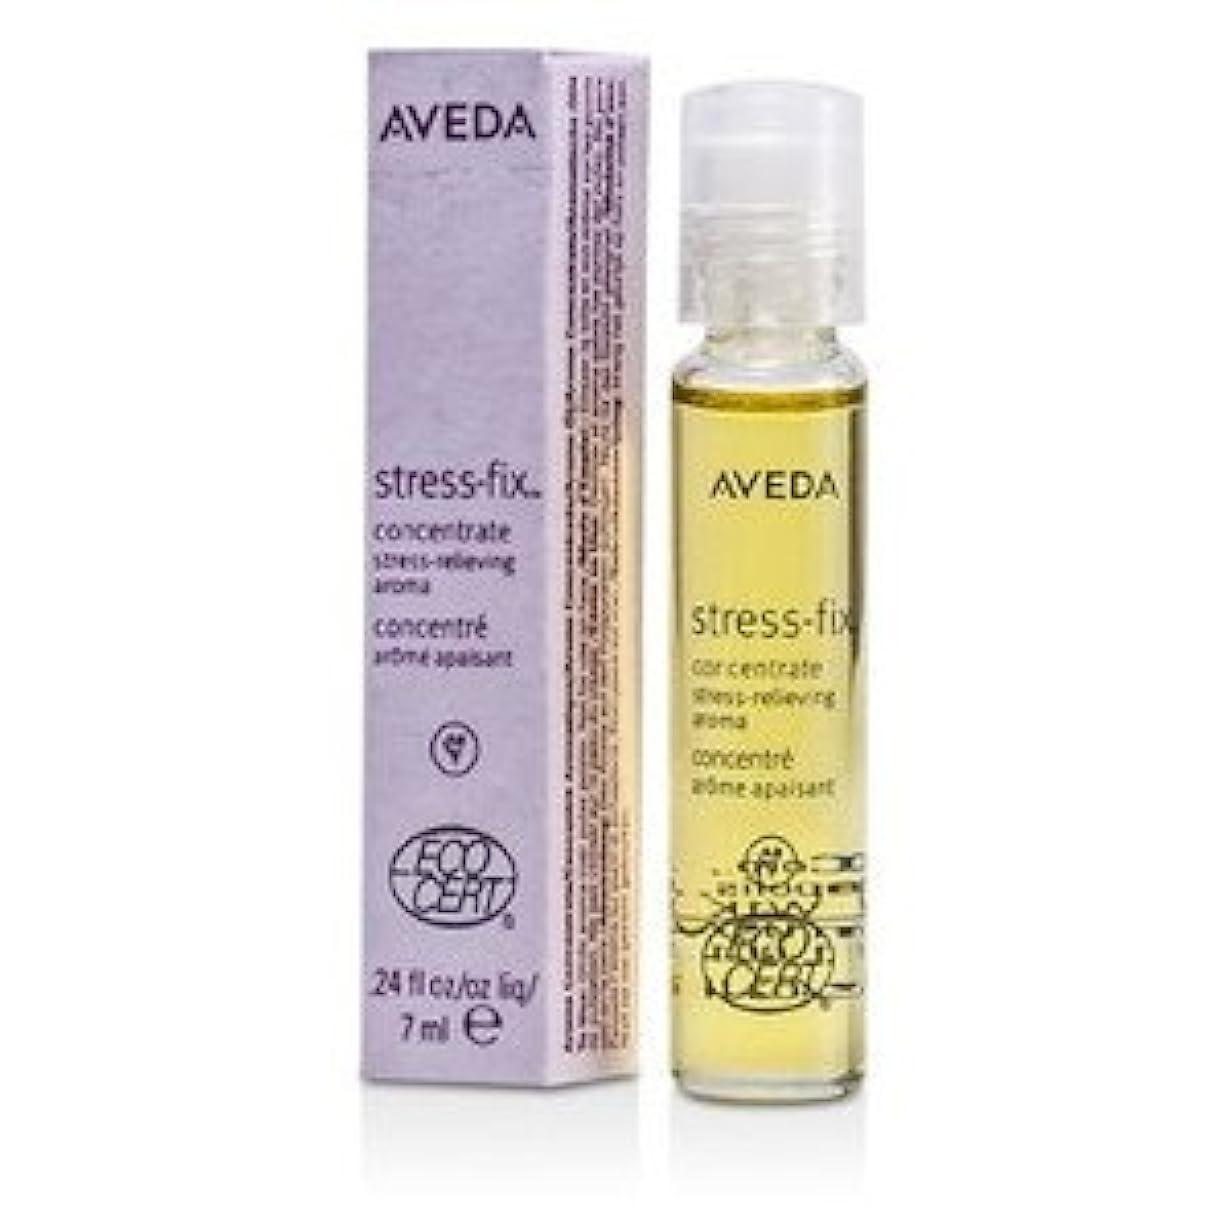 イーウェル処分した必要性Aveda(アヴェダ) ストレス Fix コンセントレイト 7ml/0.24oz [並行輸入品]